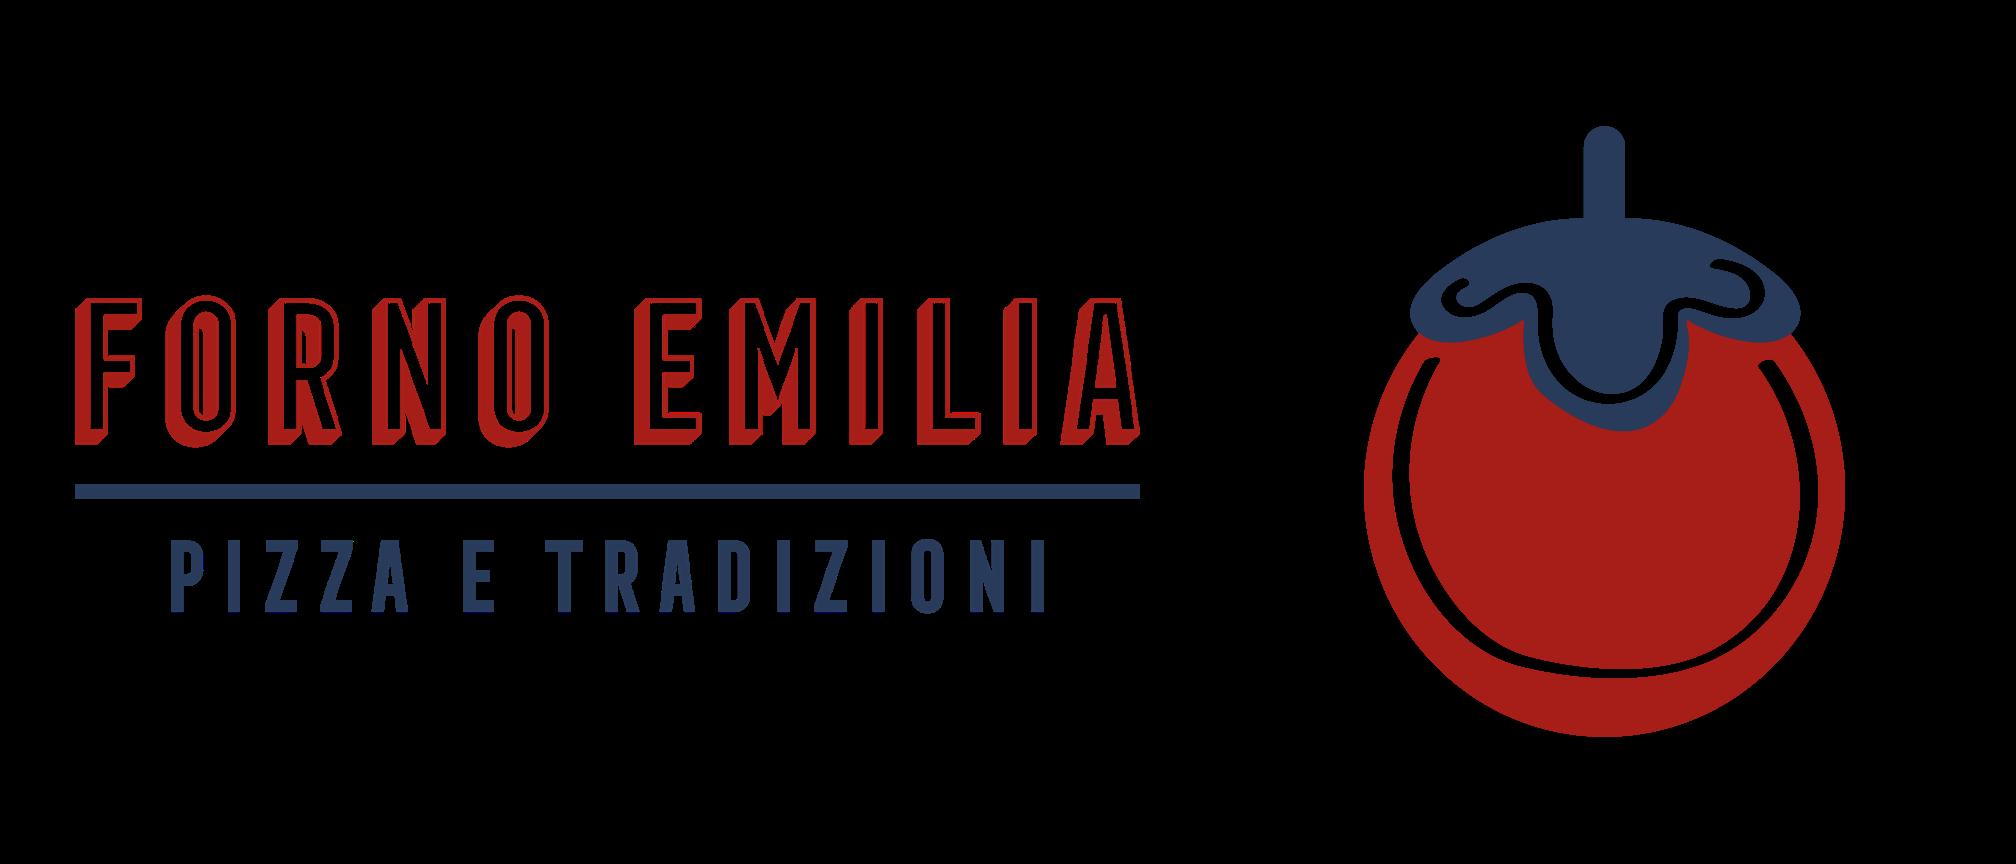 Forno Emilia